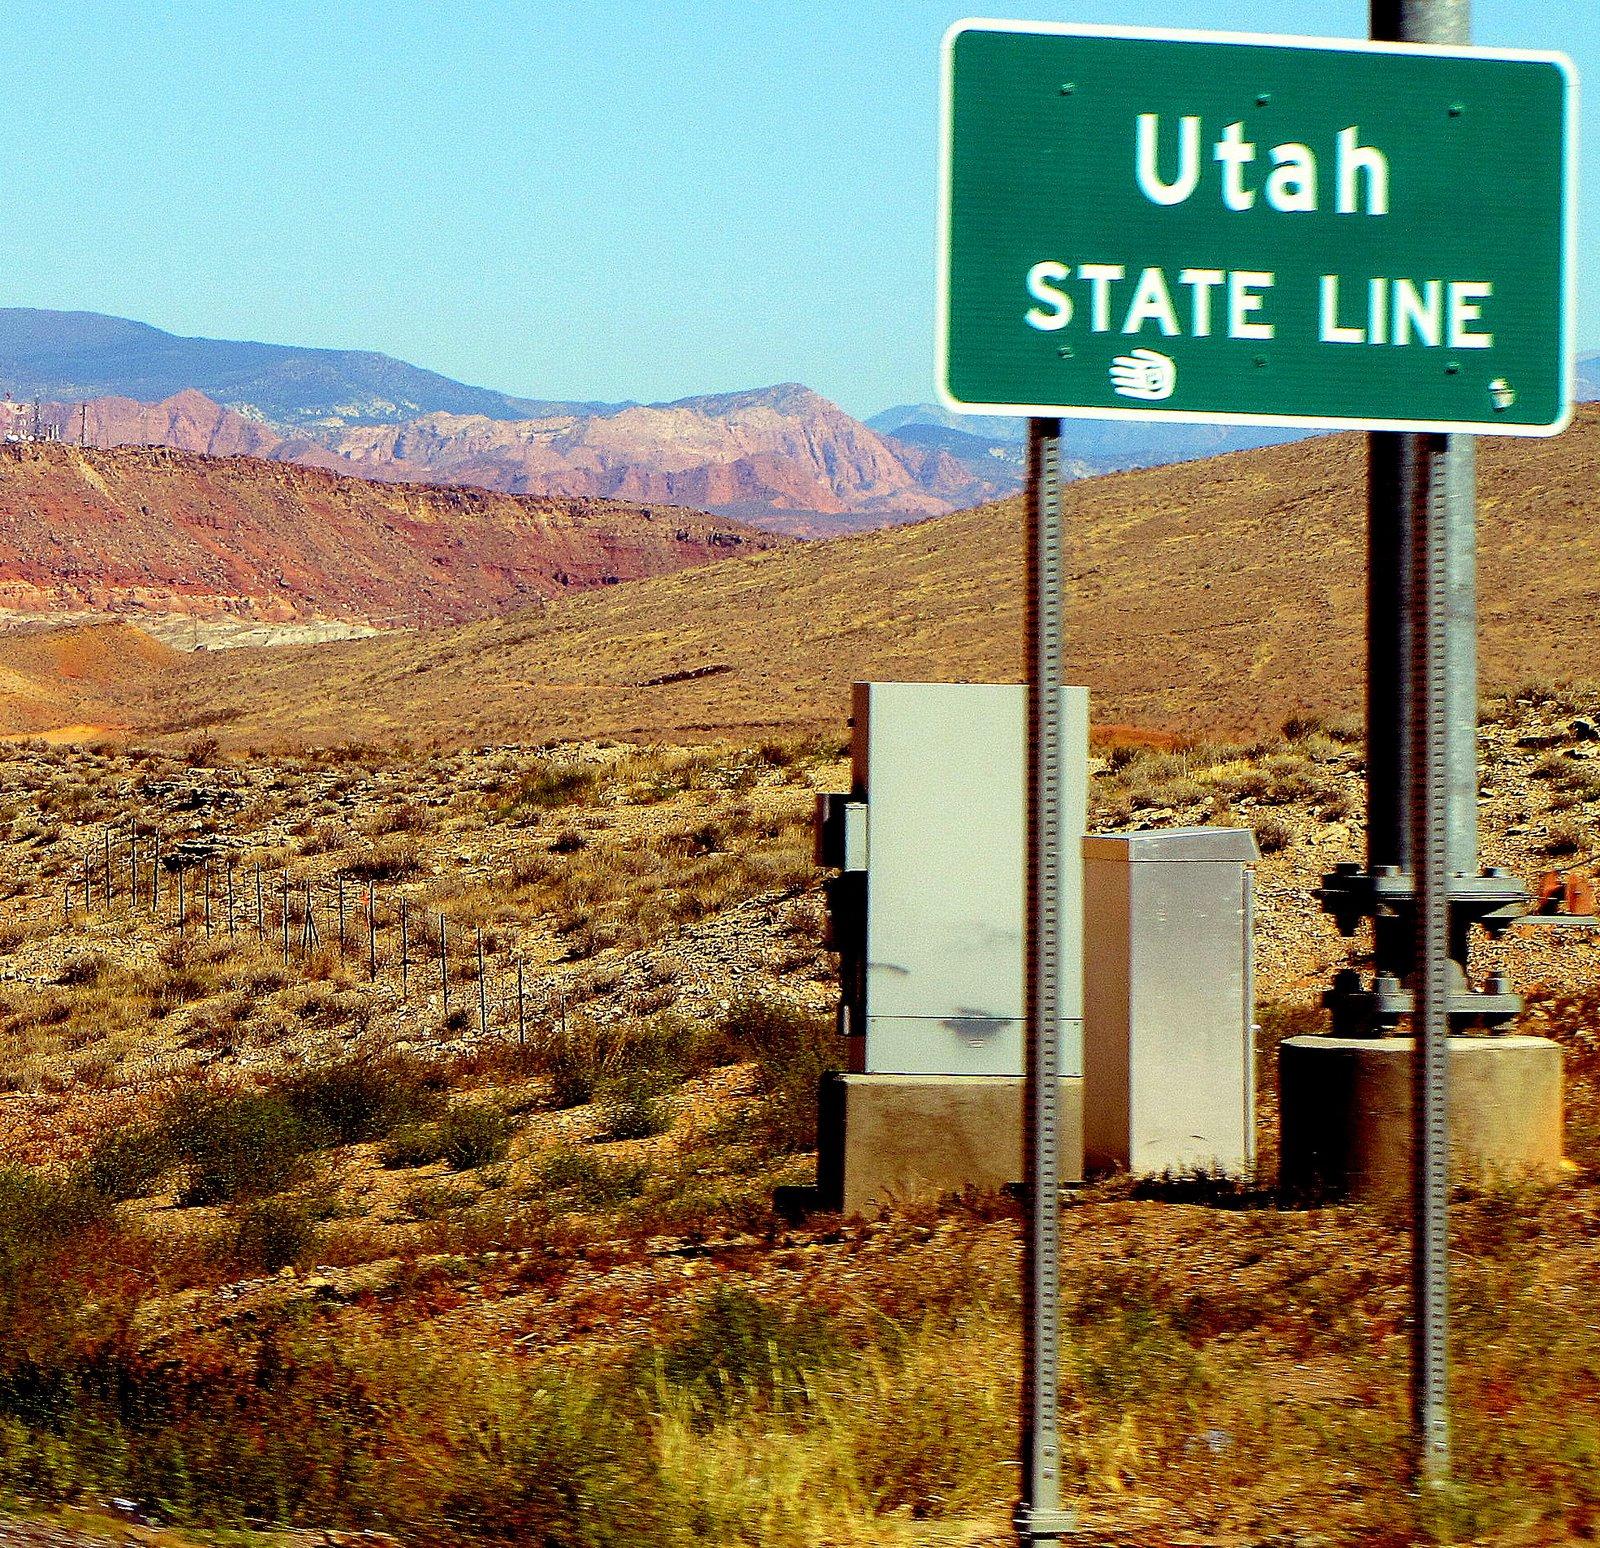 Csá Nevada, helló Utah  From Nevada to Utah